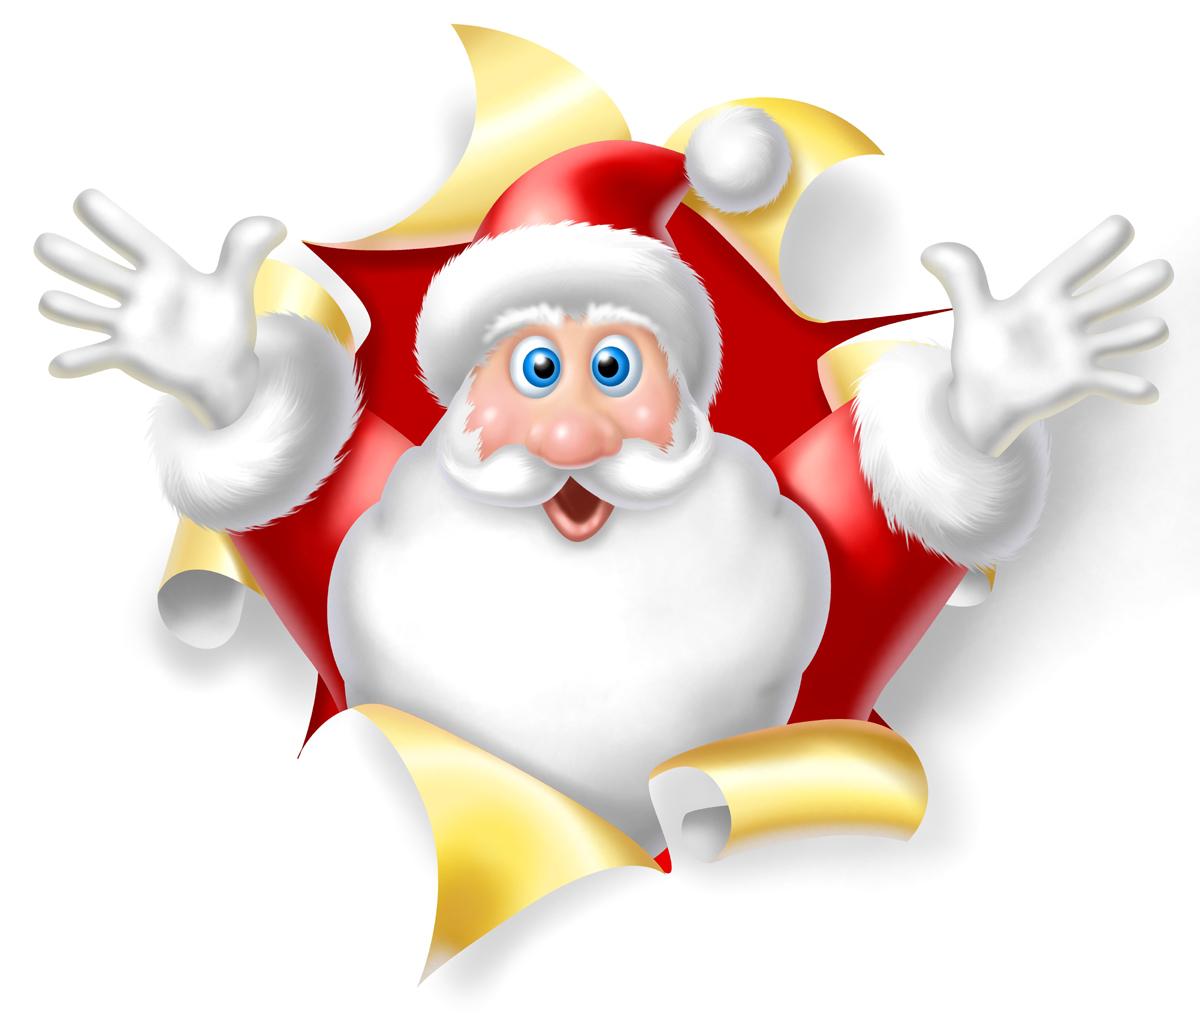 http://1.bp.blogspot.com/-VvCnrDhV4Jg/TudZhTk5NMI/AAAAAAAABts/FS02Uzvk36g/s1600/Santa+Claus+---+Christmas+Wallpaper.jpg